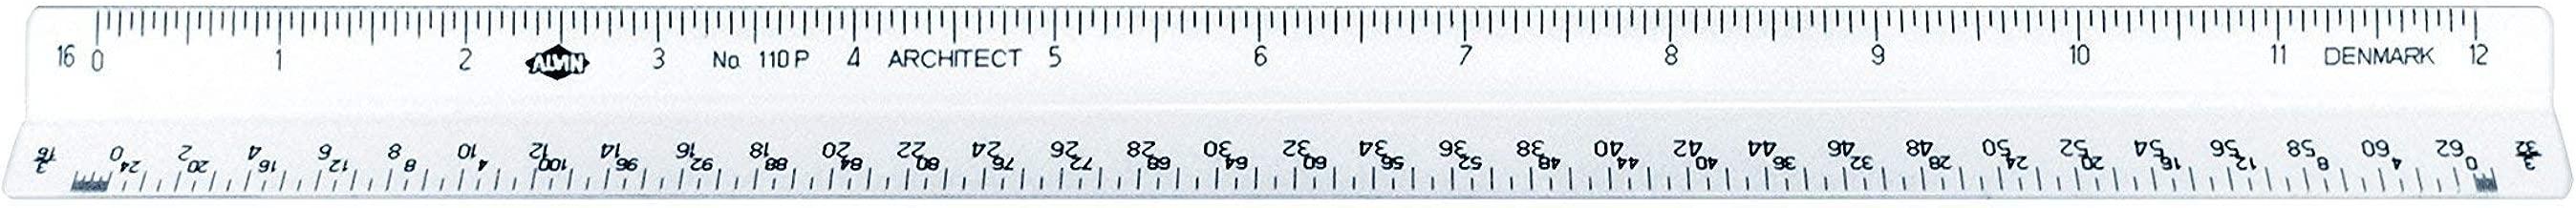 Alvin, 110P, High Impact Plastic Architect Triangular Scale, 12